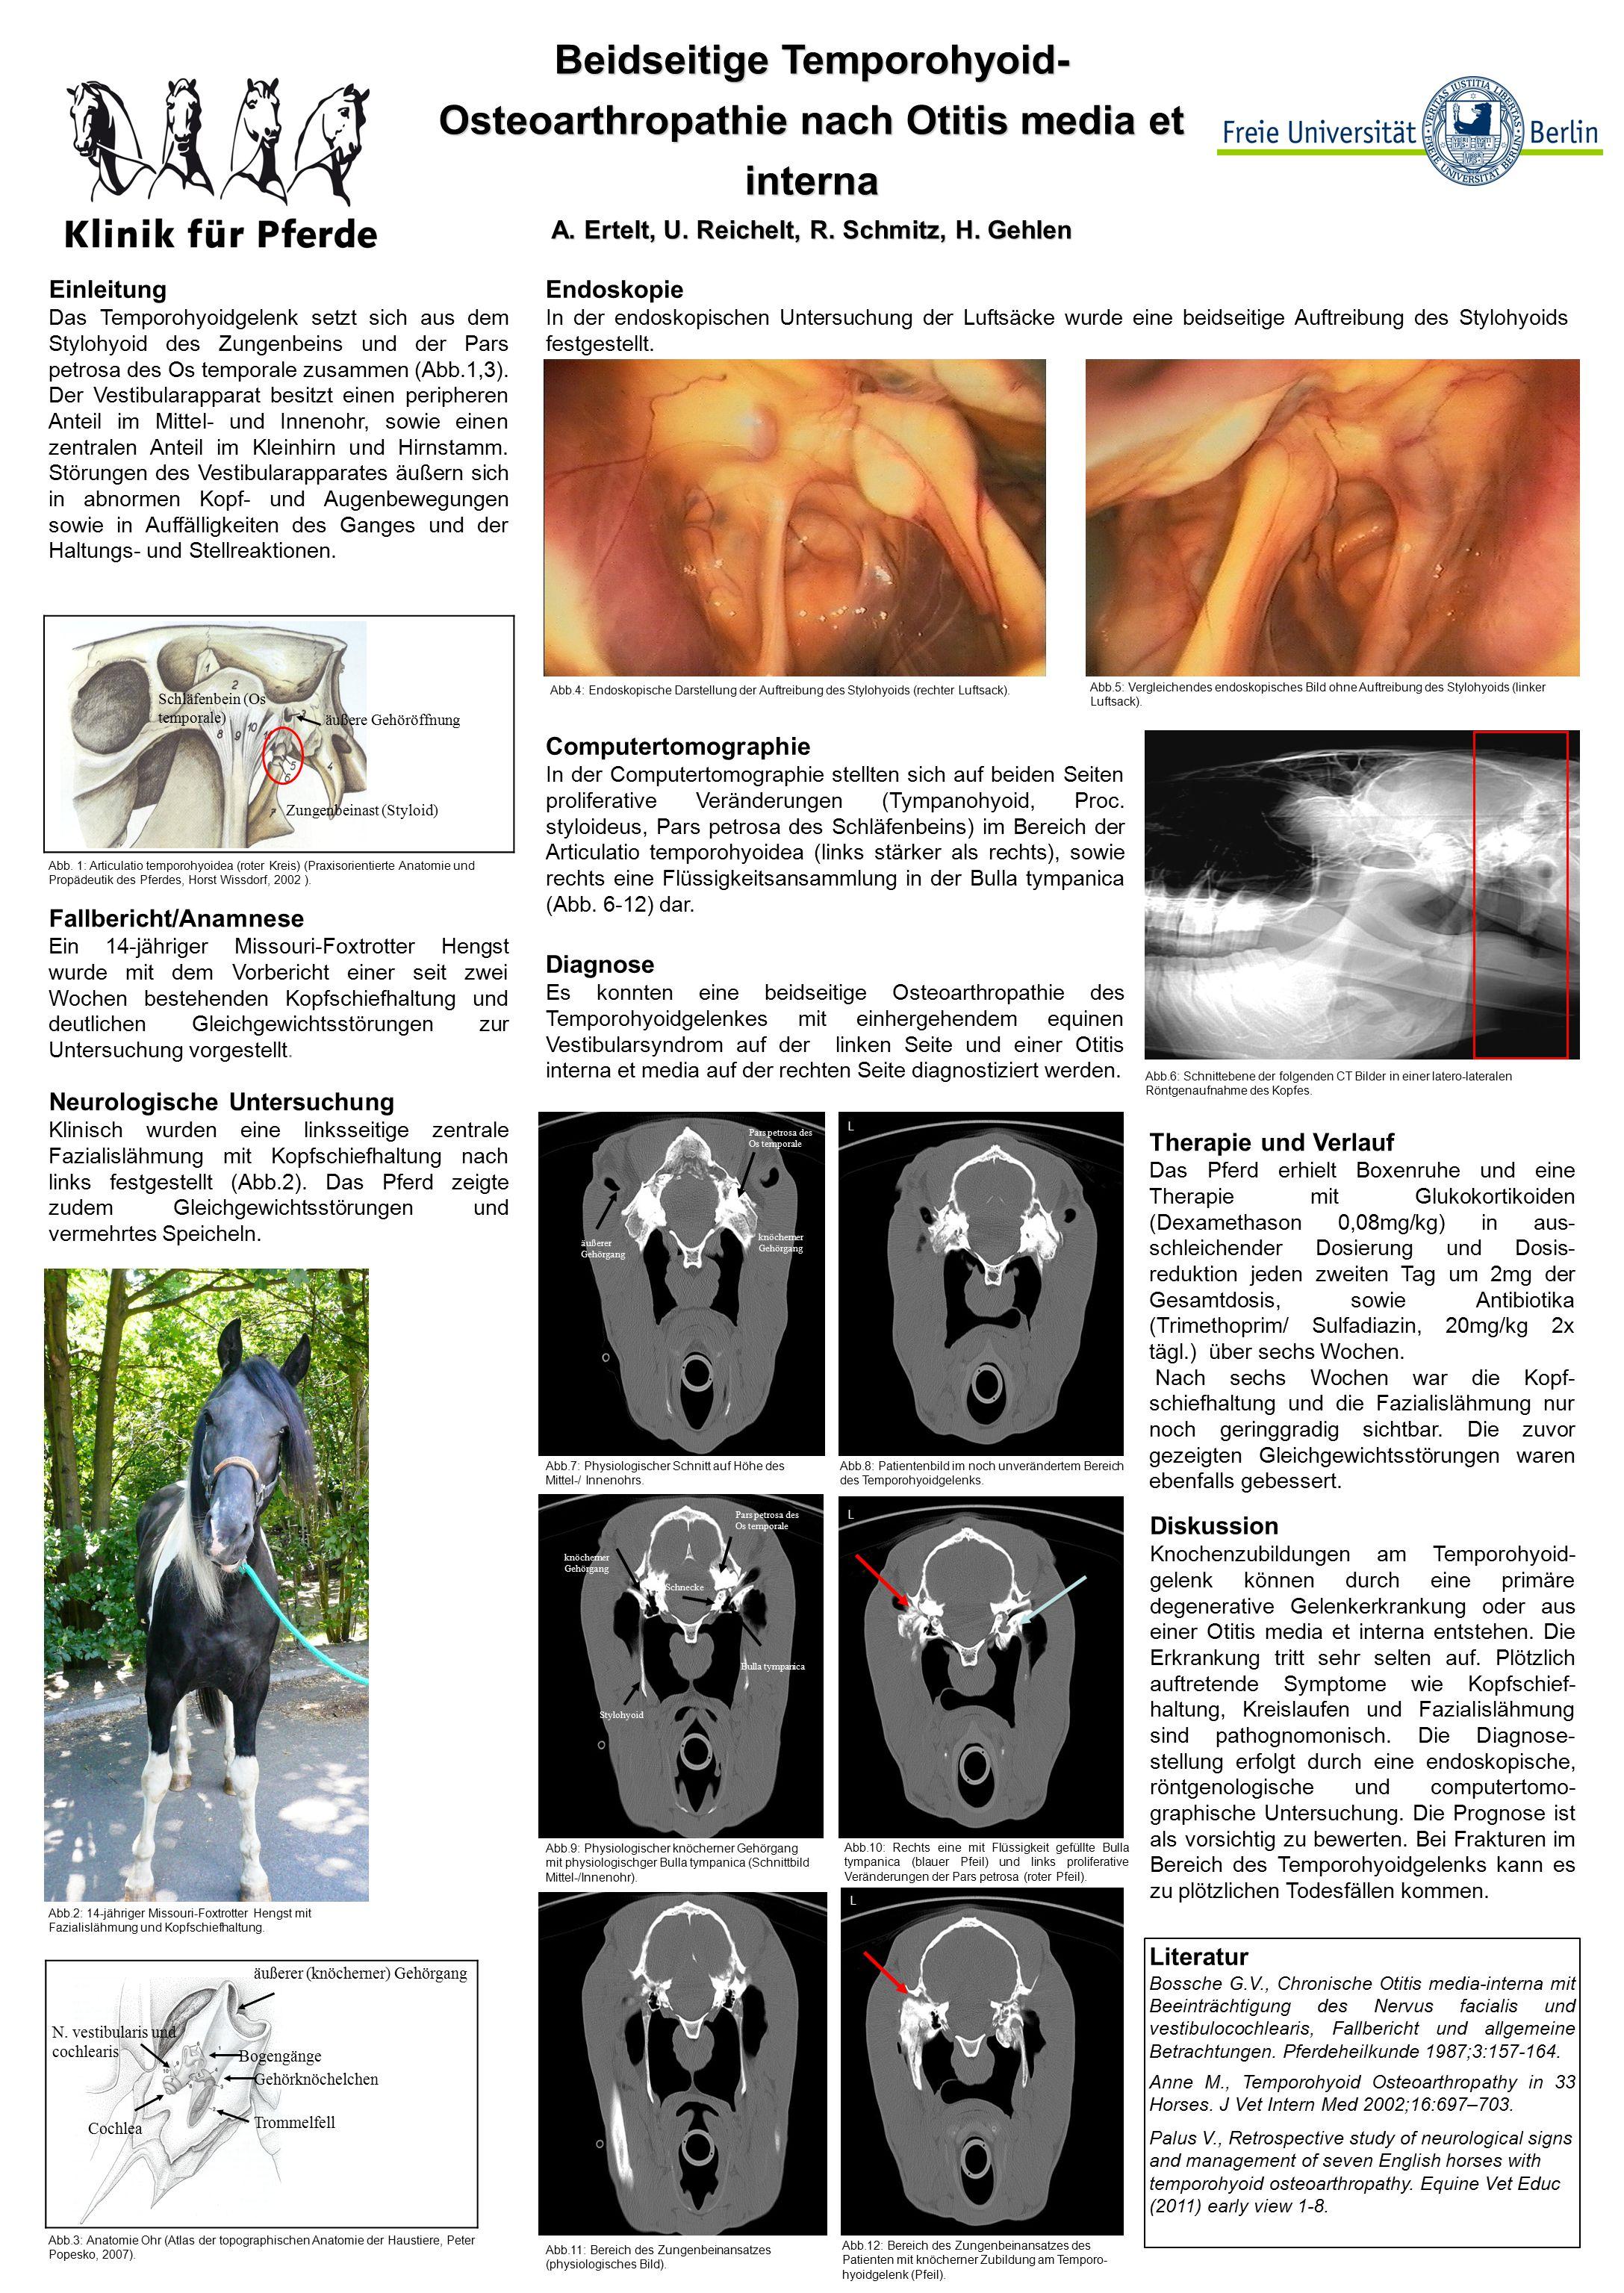 Beidseitige Temporohyoid- Osteoarthropathie nach Otitis media et ...